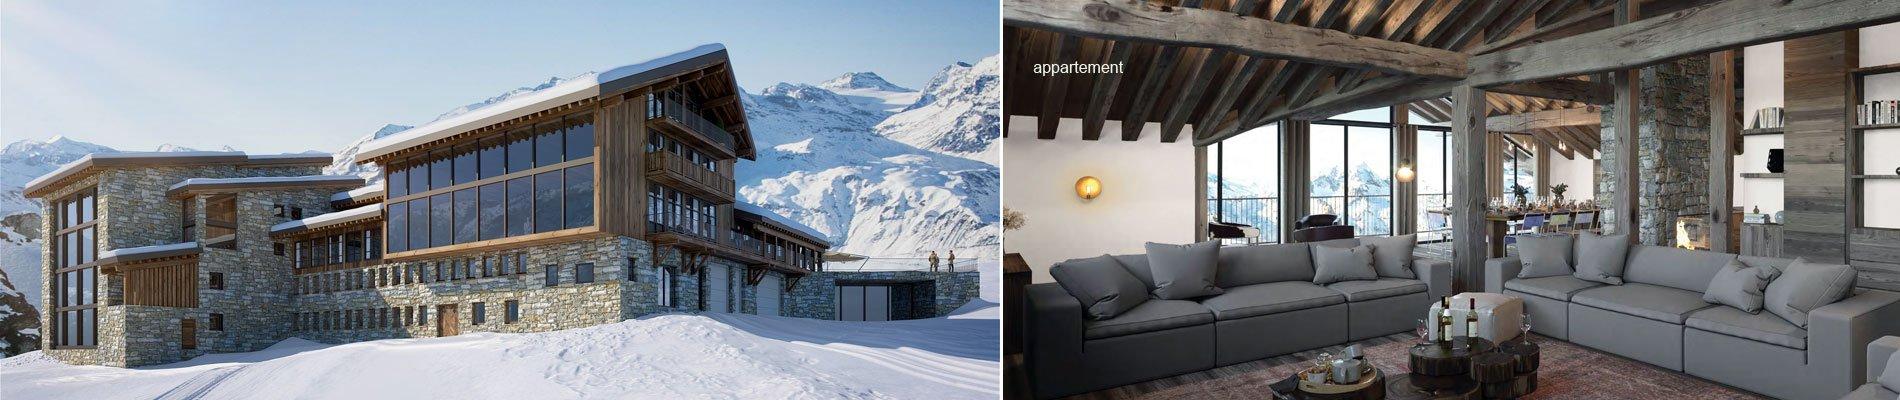 val-d-isere-refuge-de-solaise-frankrijk-wintersport-